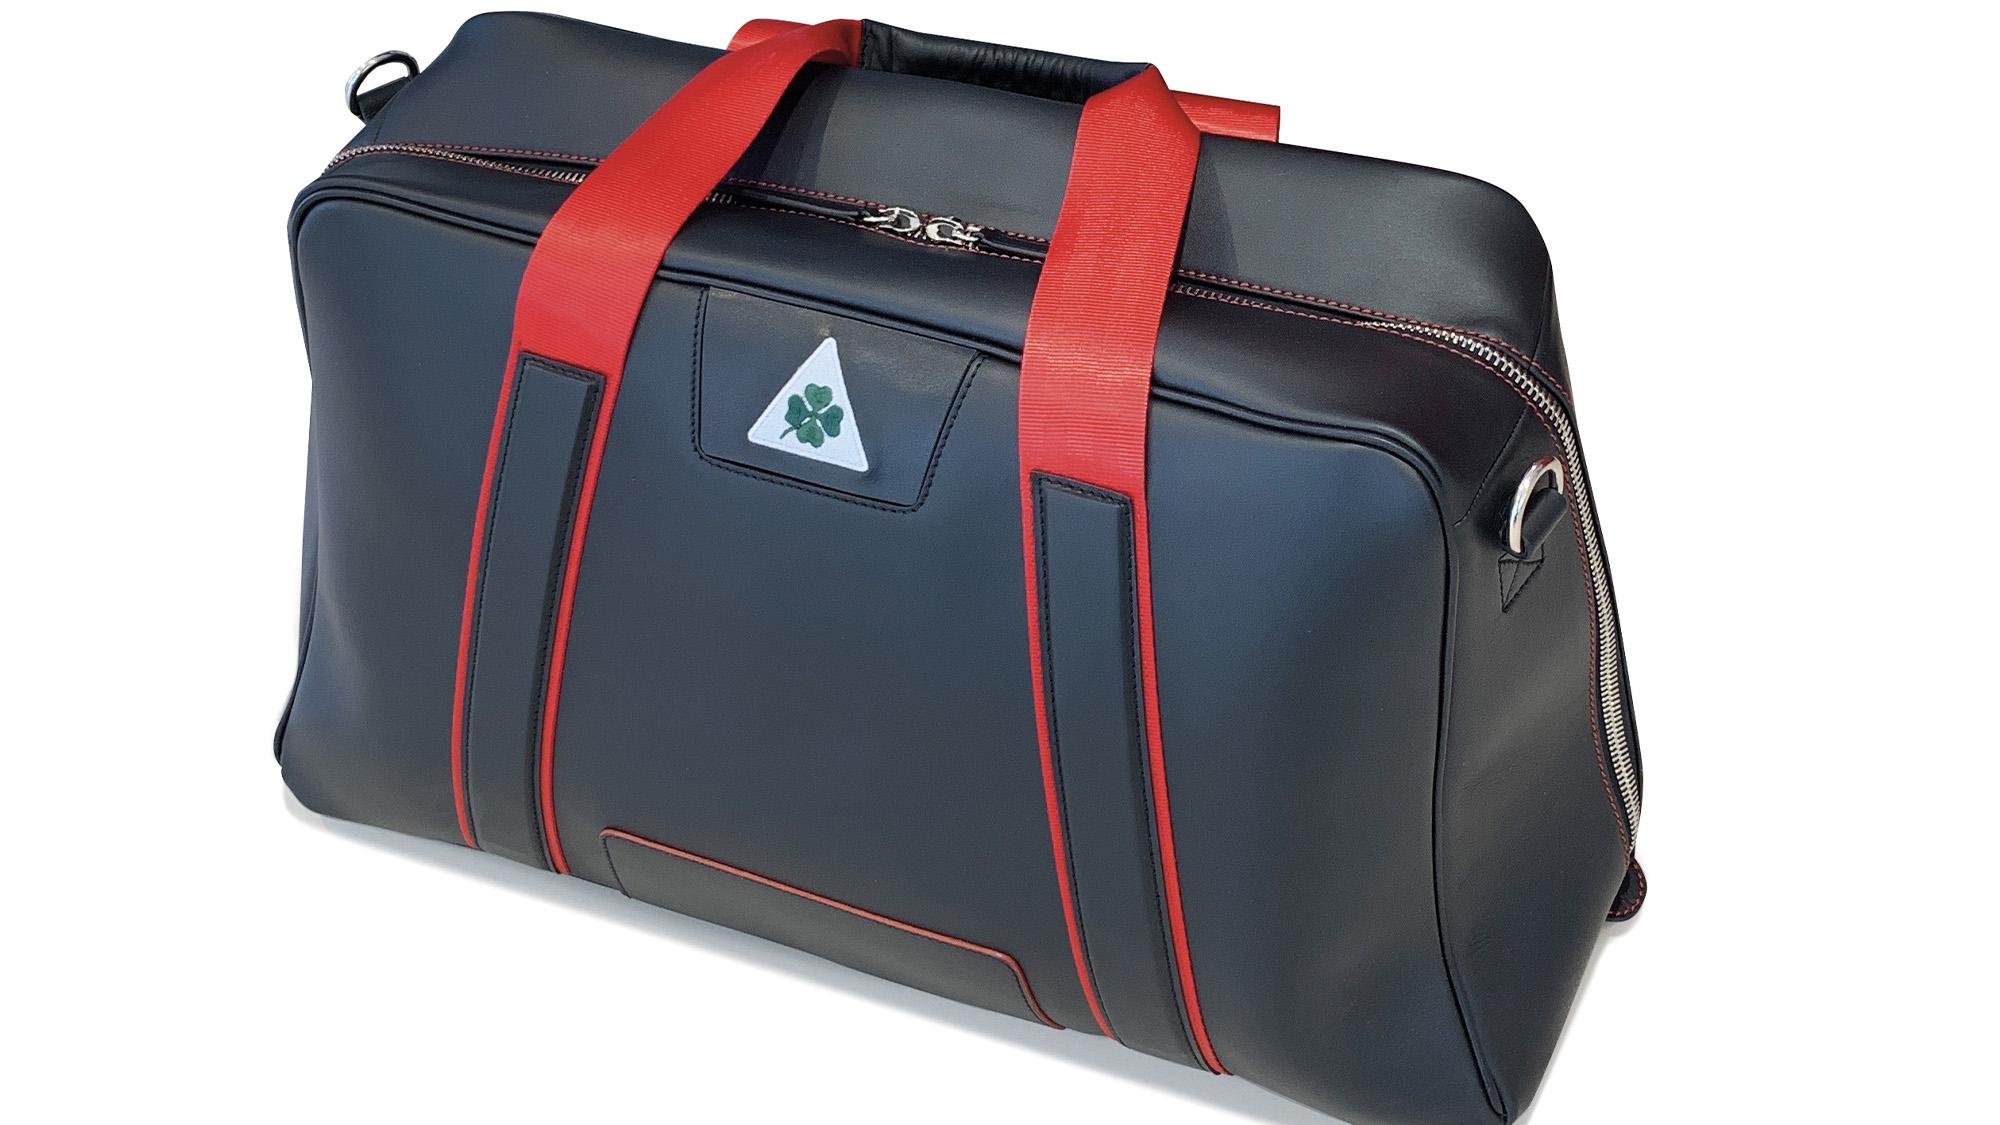 Alfa Romeo leather bag